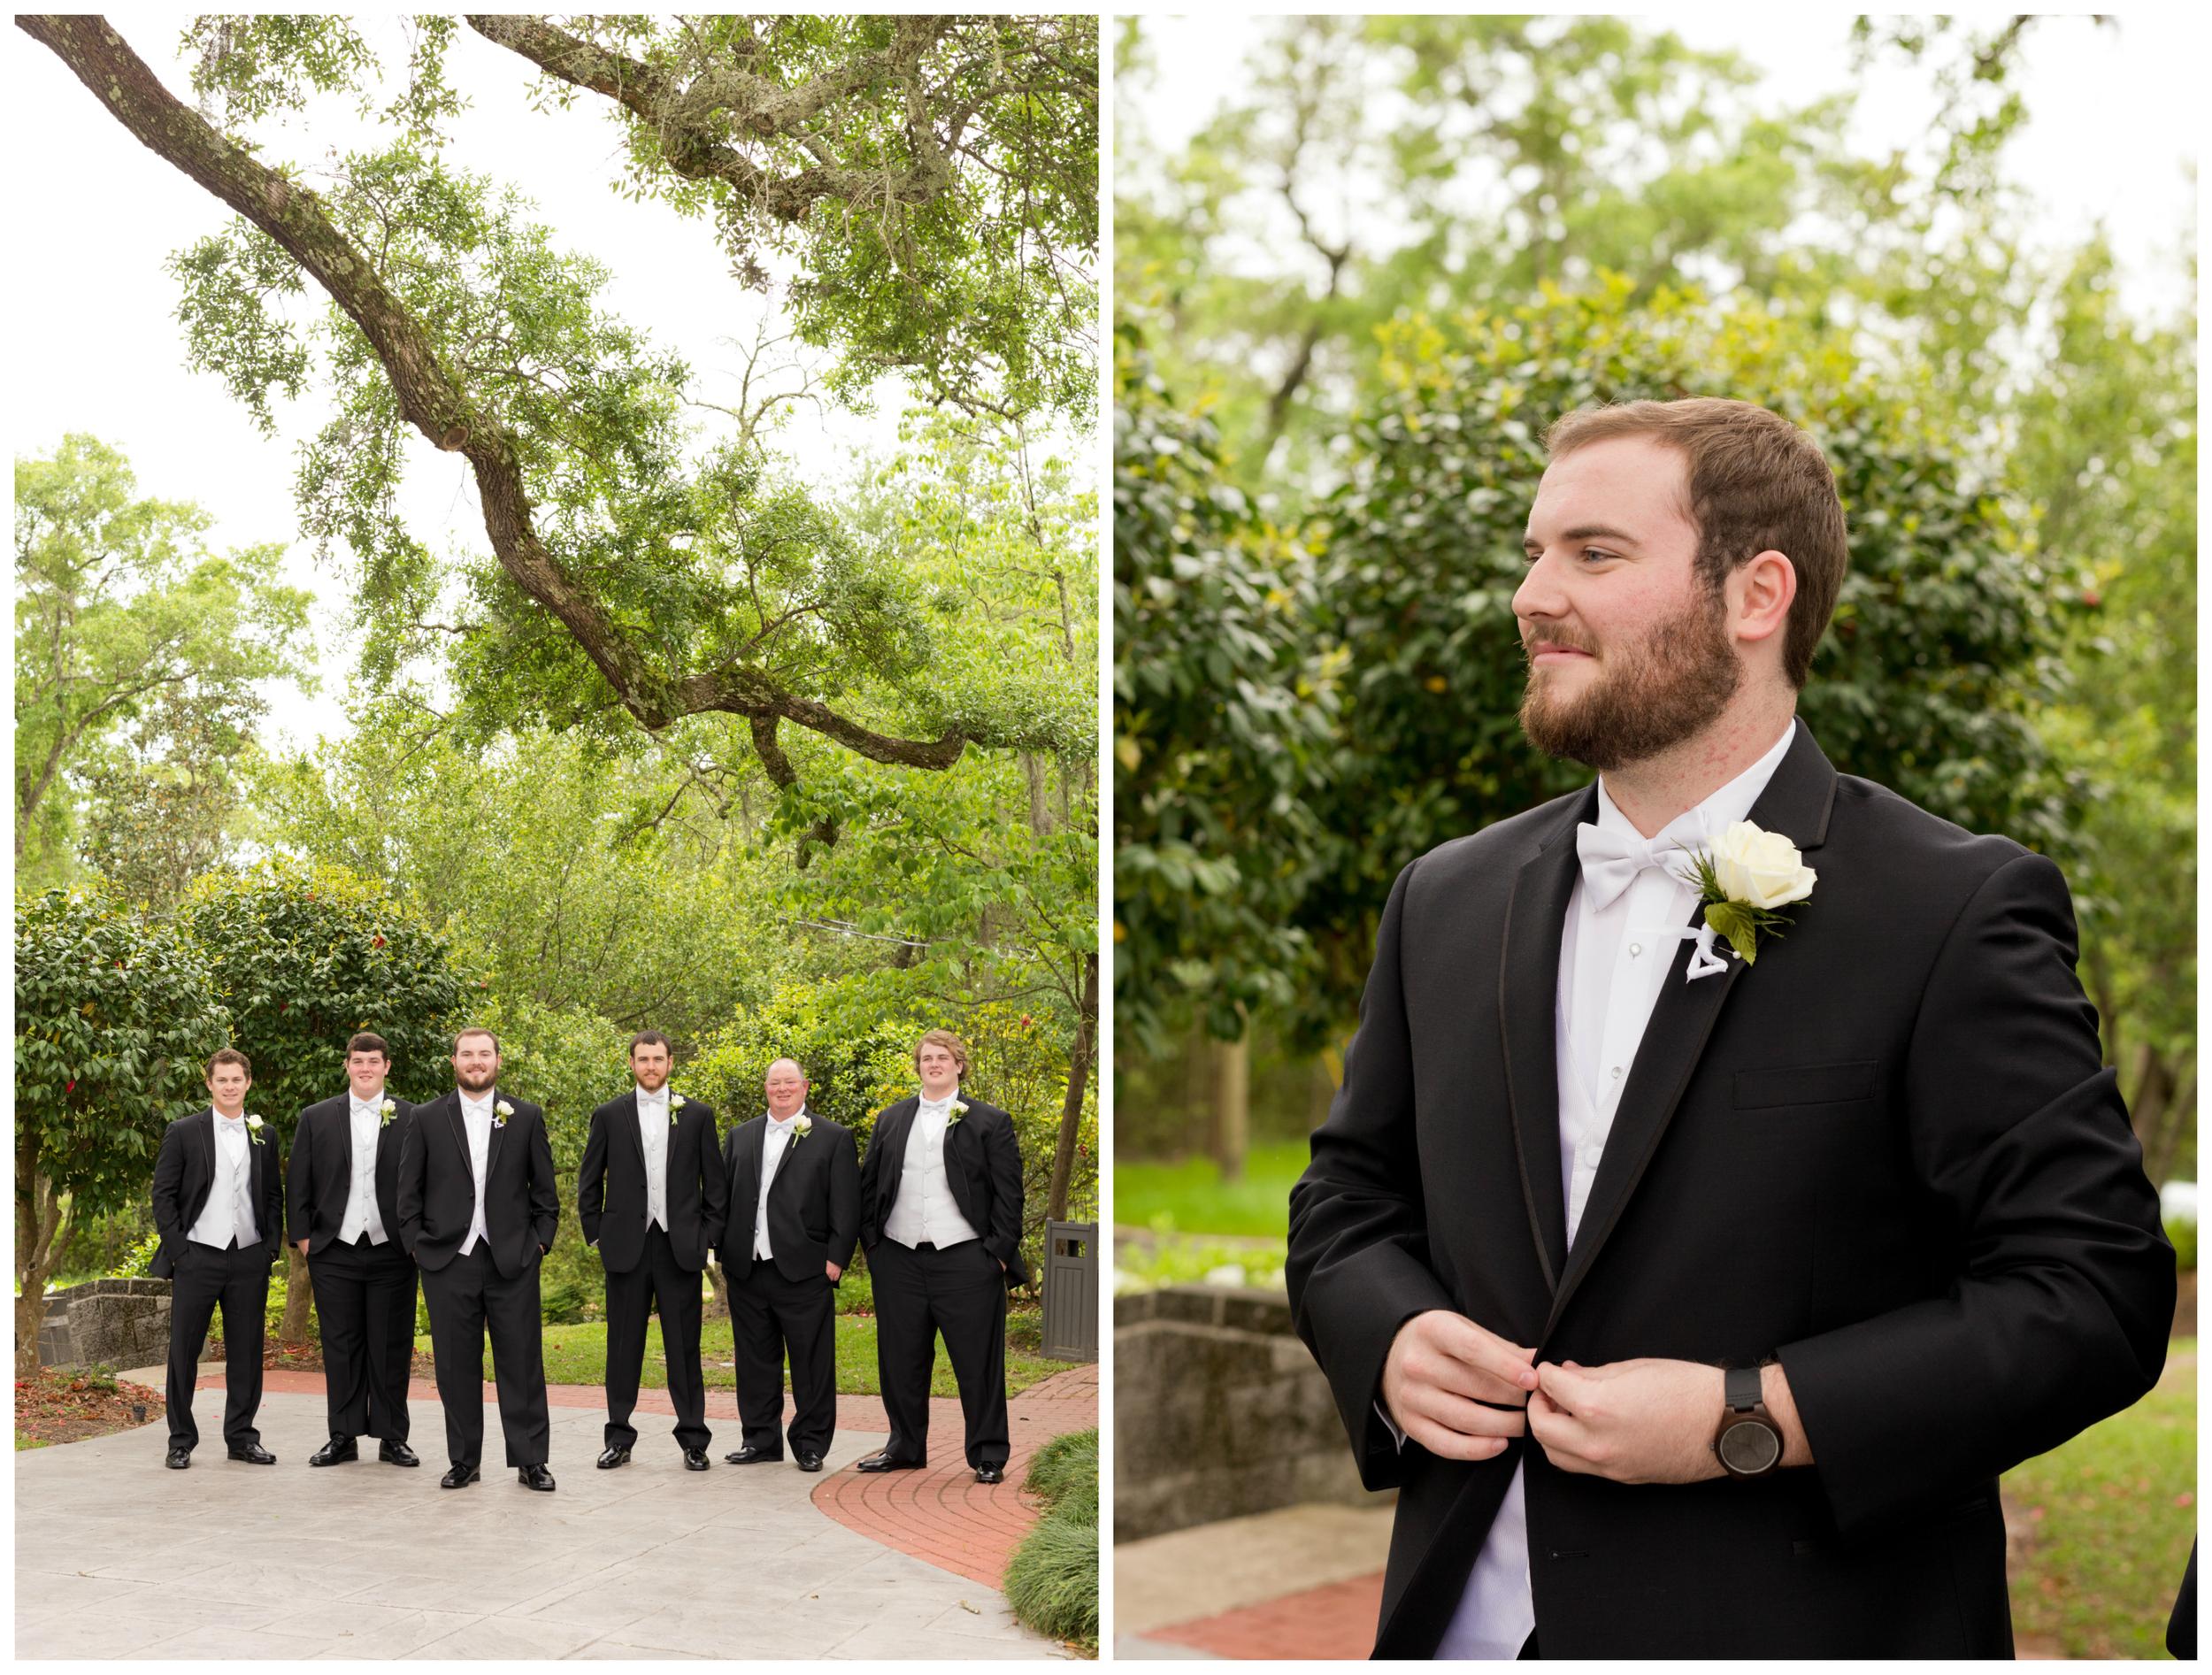 groom and groomsmen photos before wedding in Ocean Springs, Mississippi